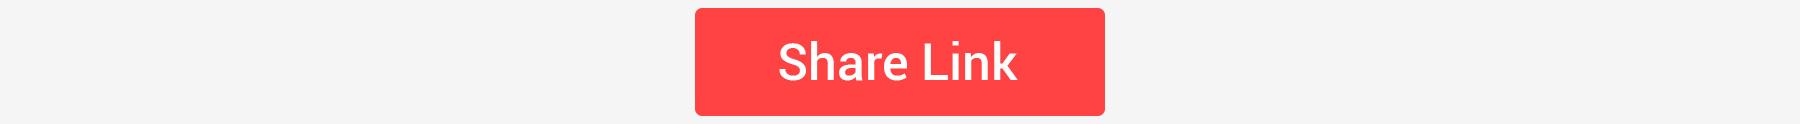 Share Link Kamu